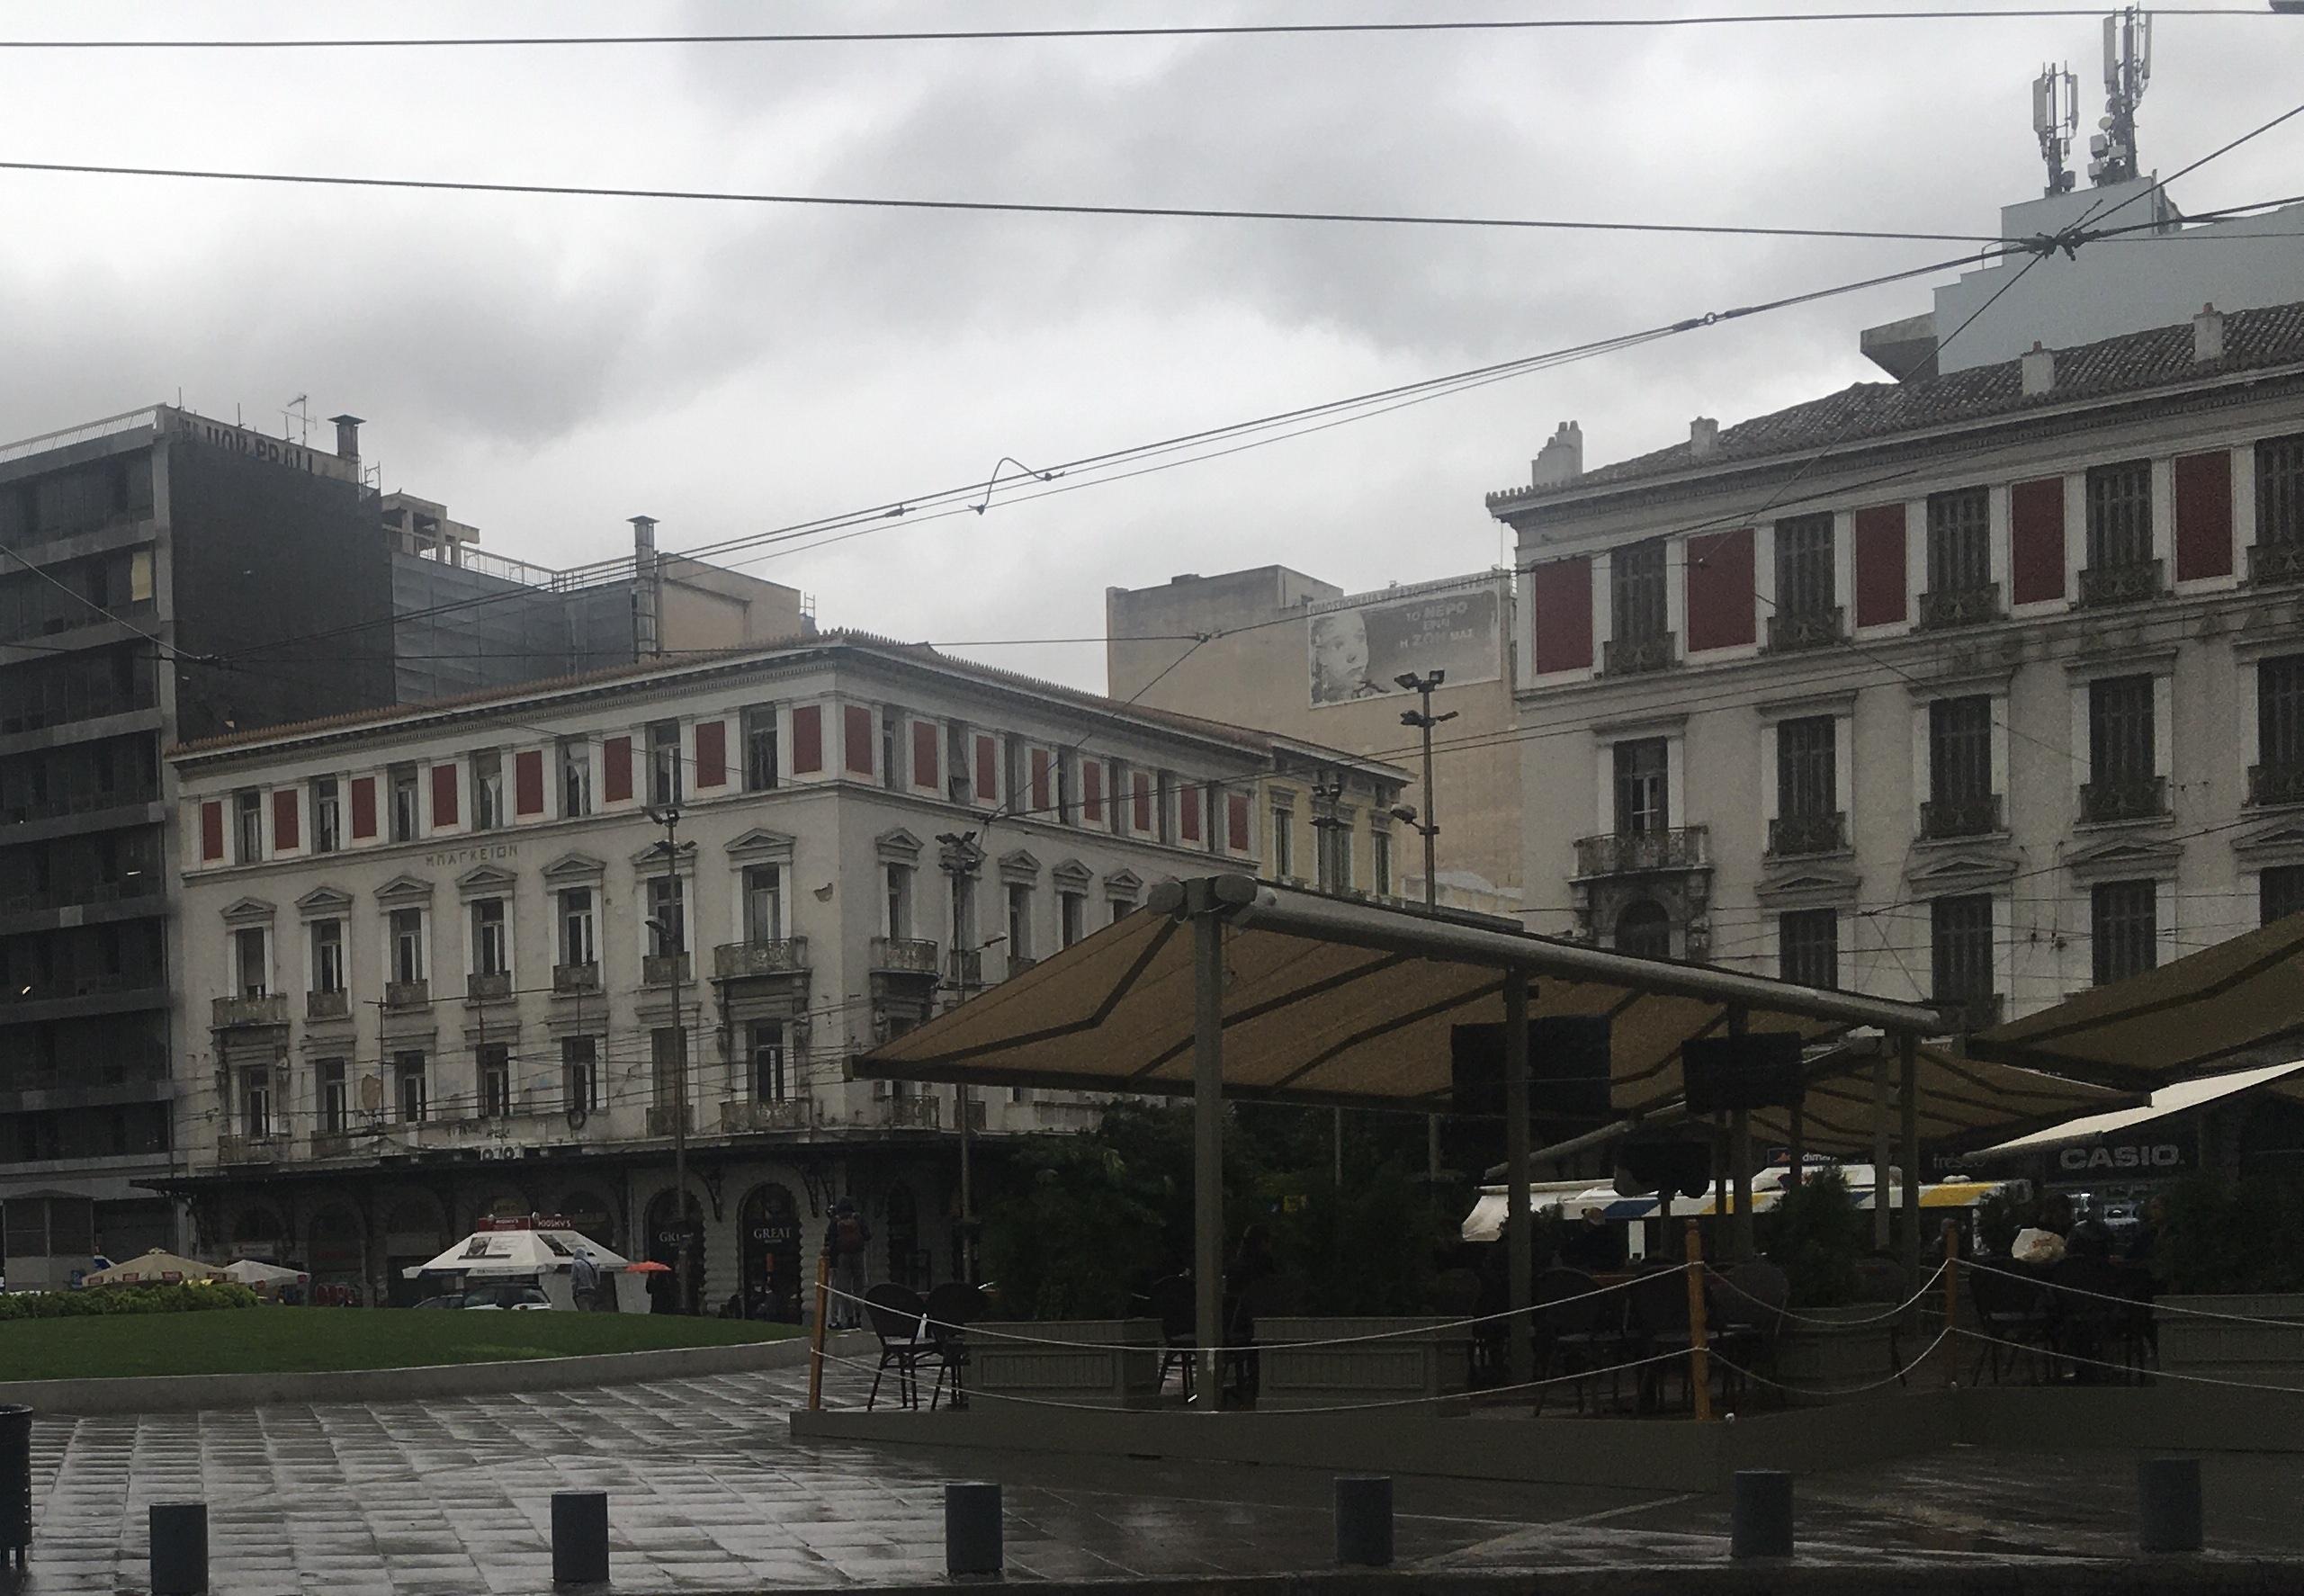 Πλατεία Ομόνοιας: Γέμισε τραπεζάκια από καφενέδες και fast food